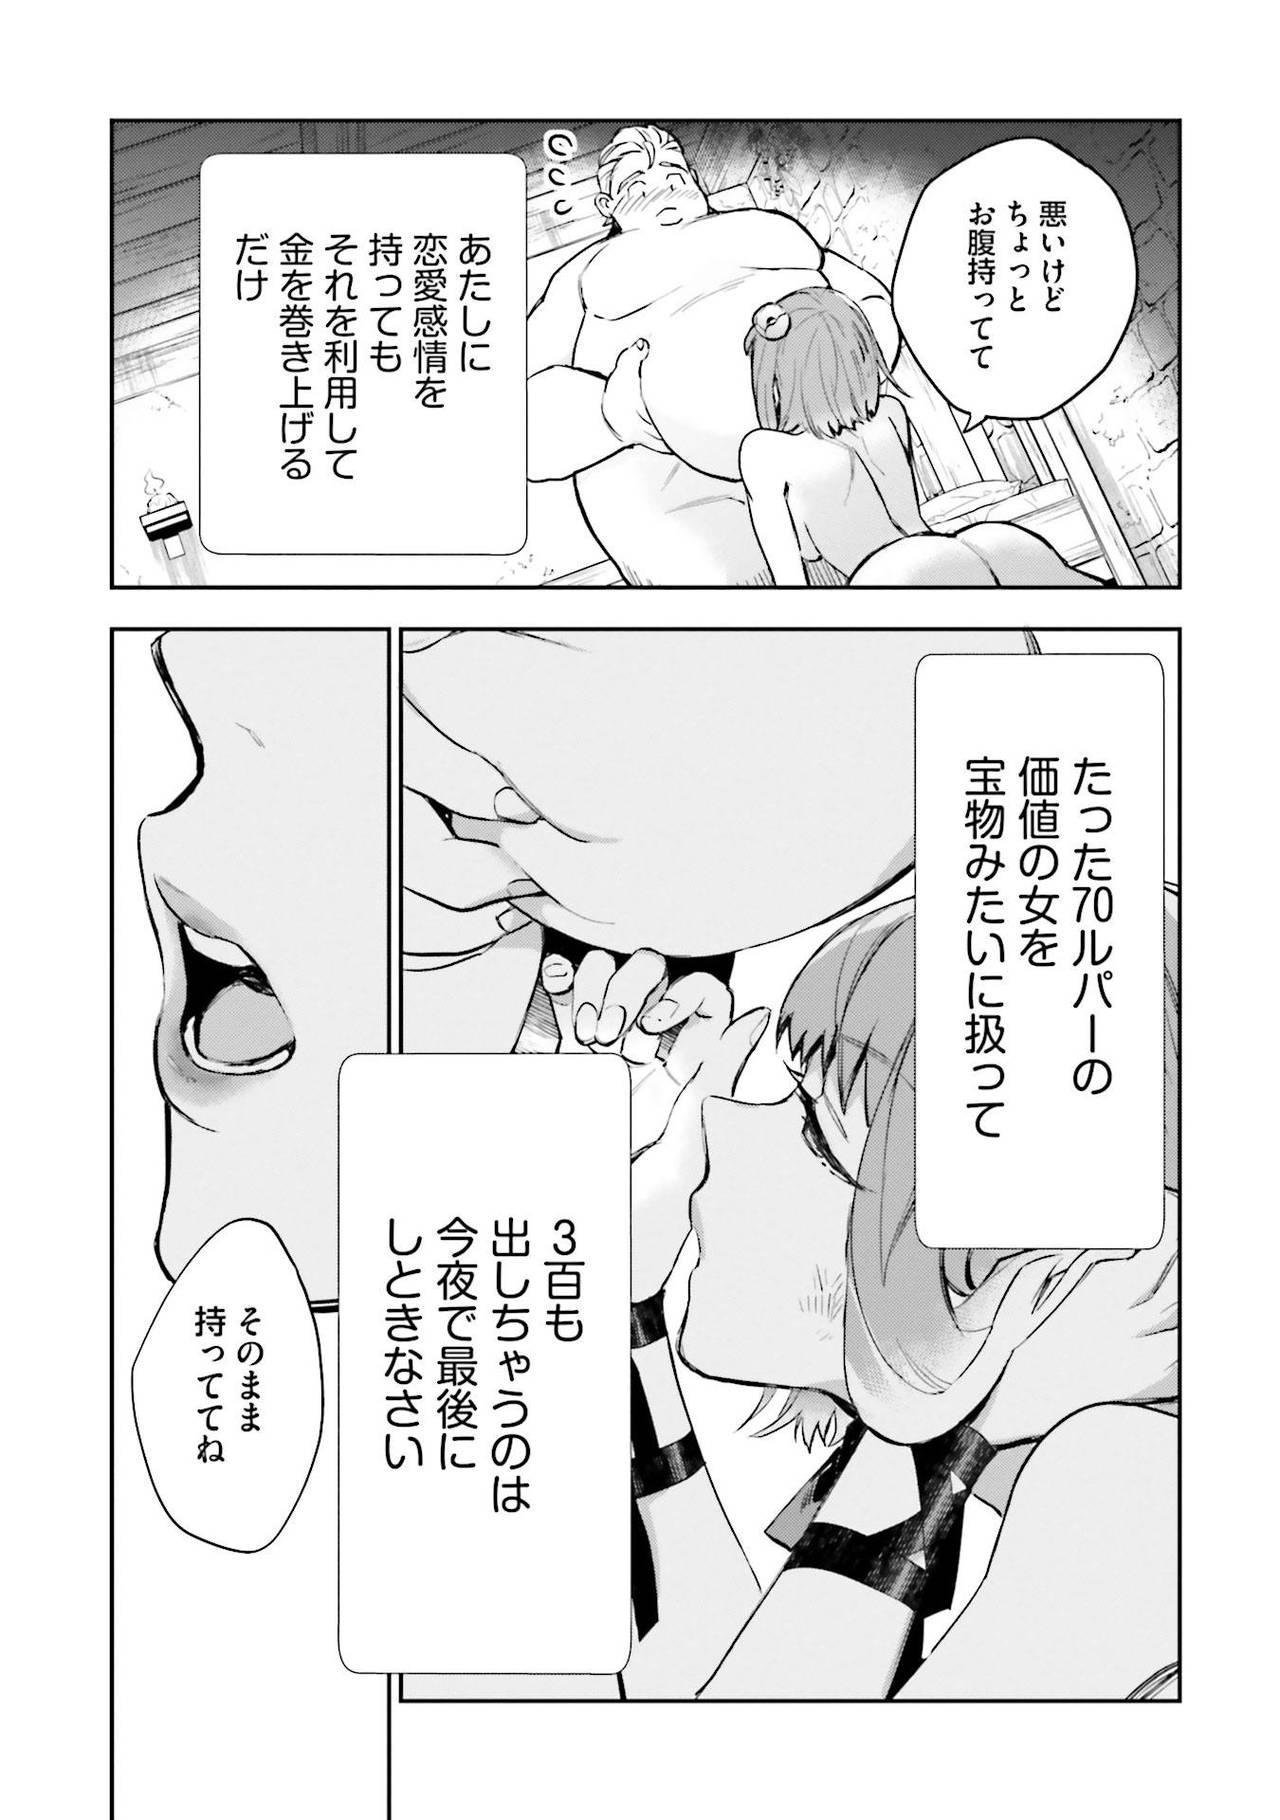 JK Haru wa Isekai de Shoufu ni Natta 1-14 273